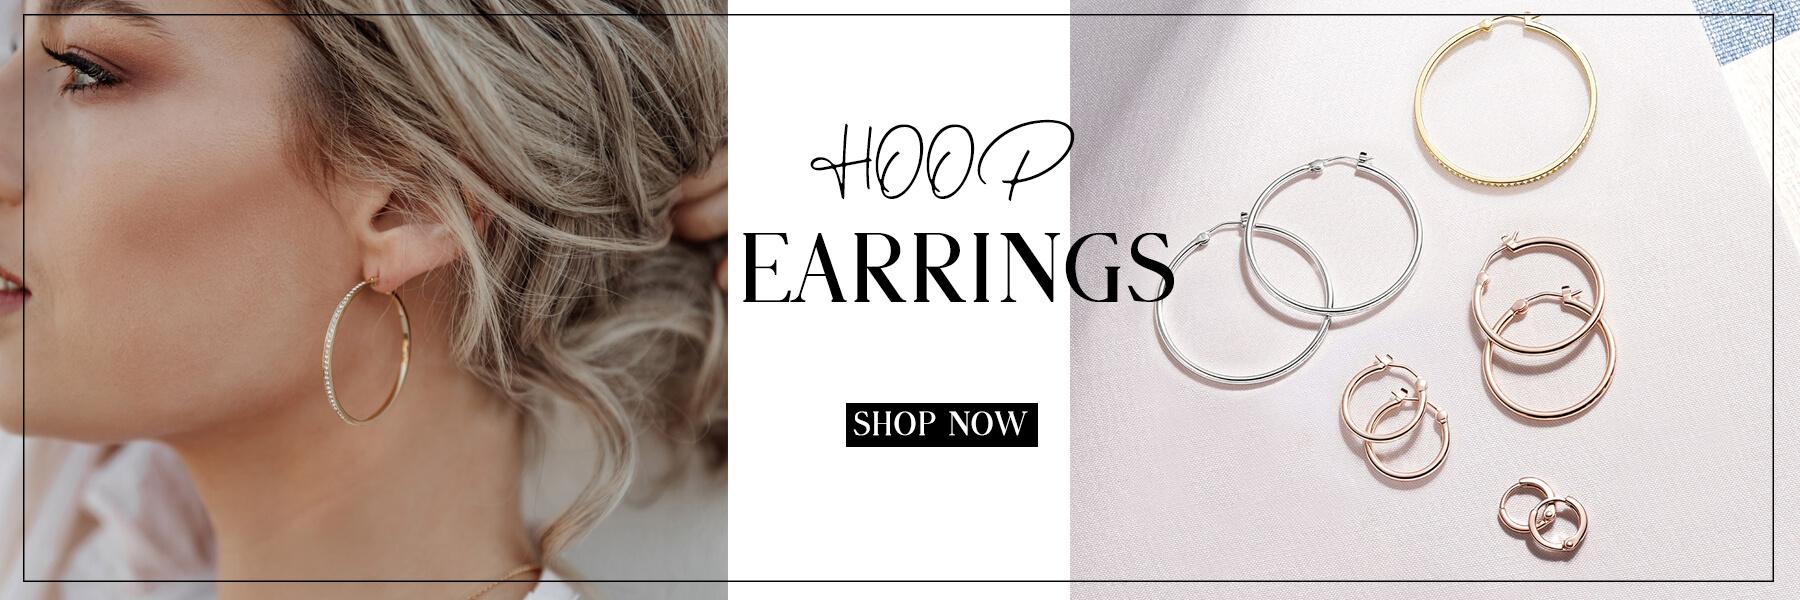 Wholesale Hoop Earrings